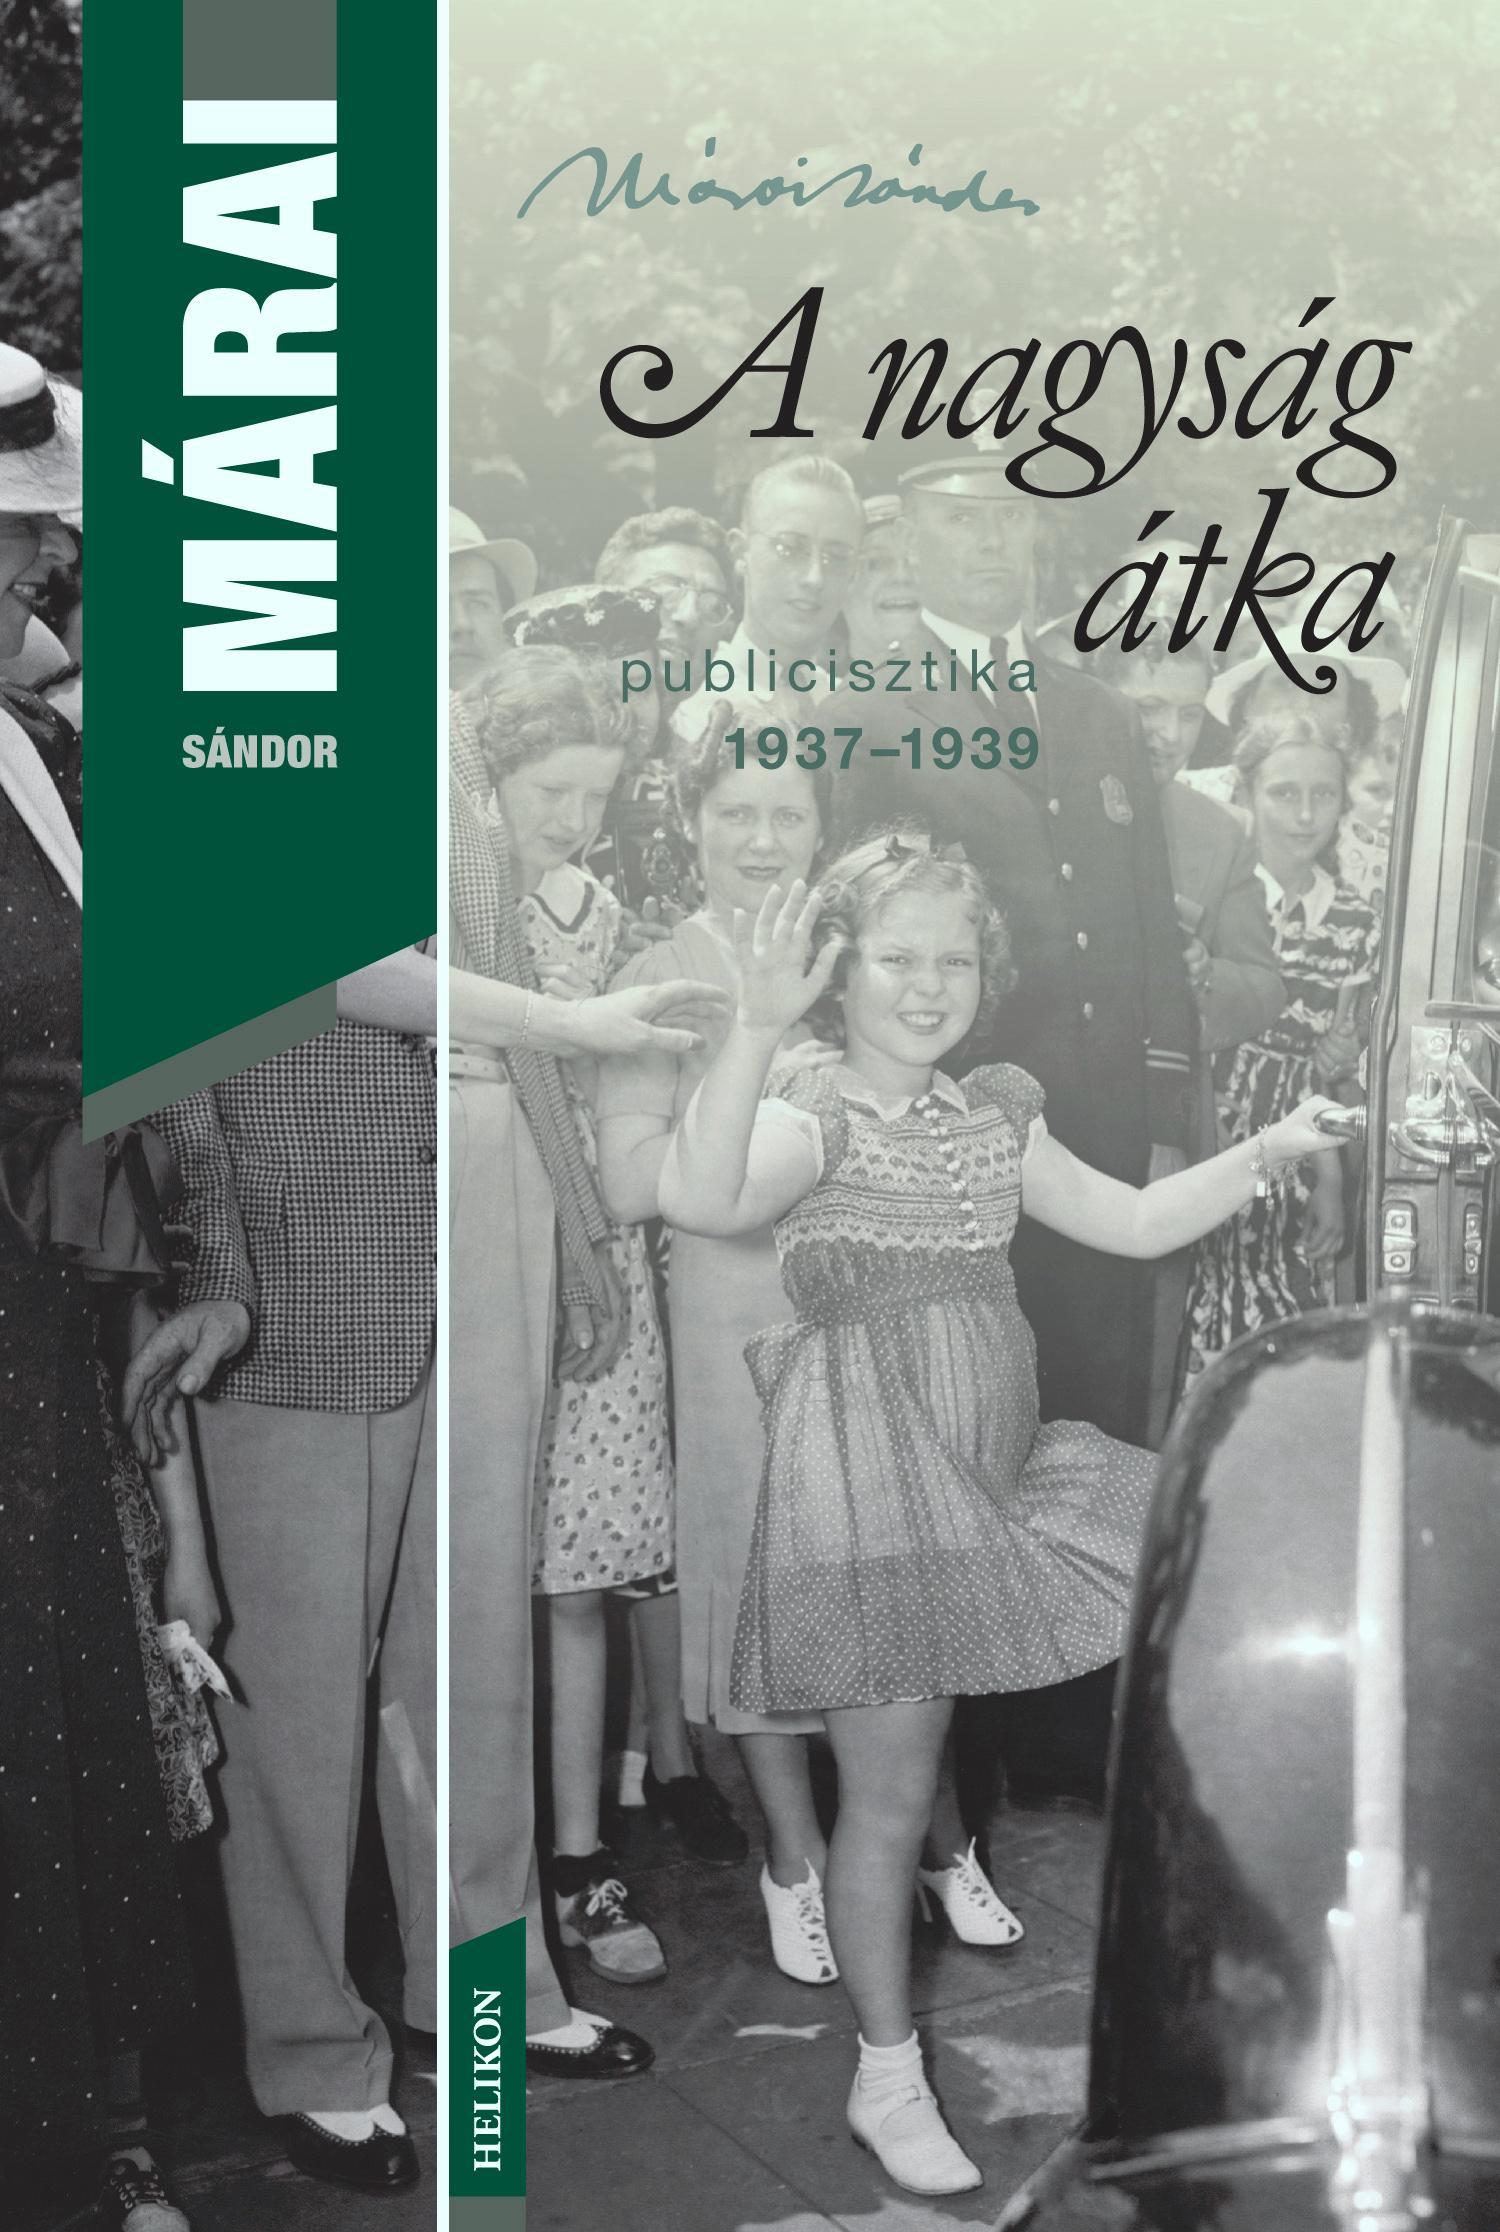 A NAGYSÁG ÁTKA - PUBLICISZTIKA 1937-1939